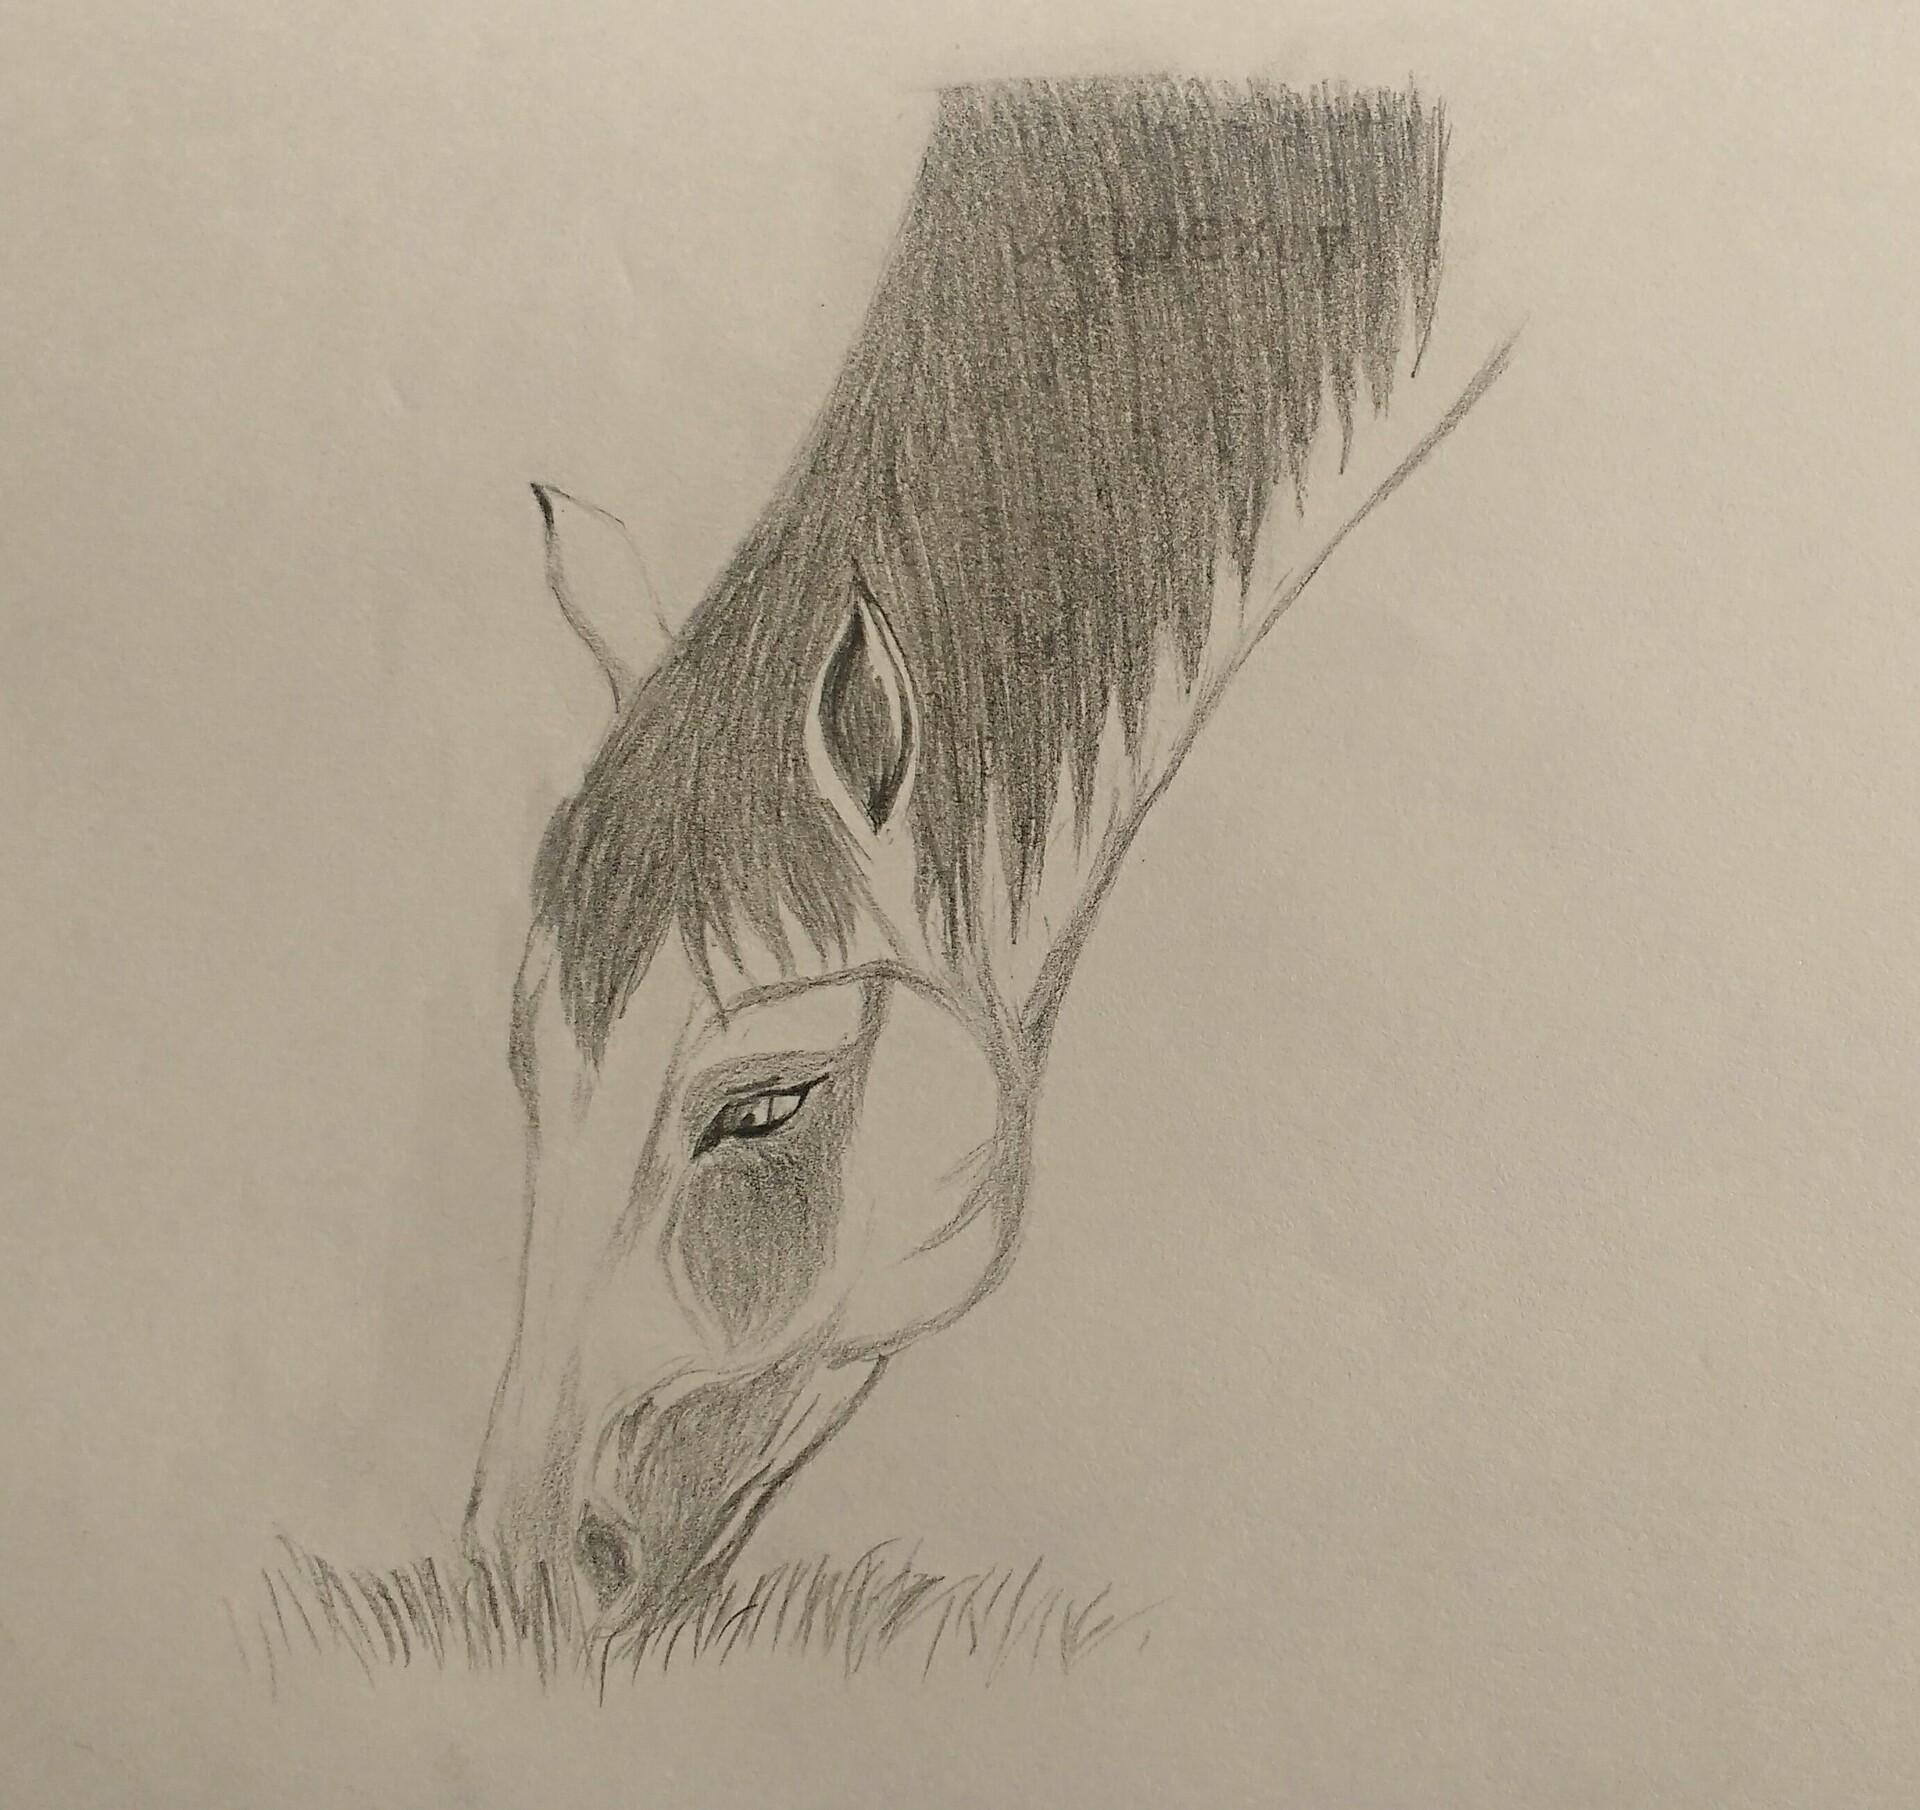 Artstation Pencil Sketch Horse Head 1 Artoex 07